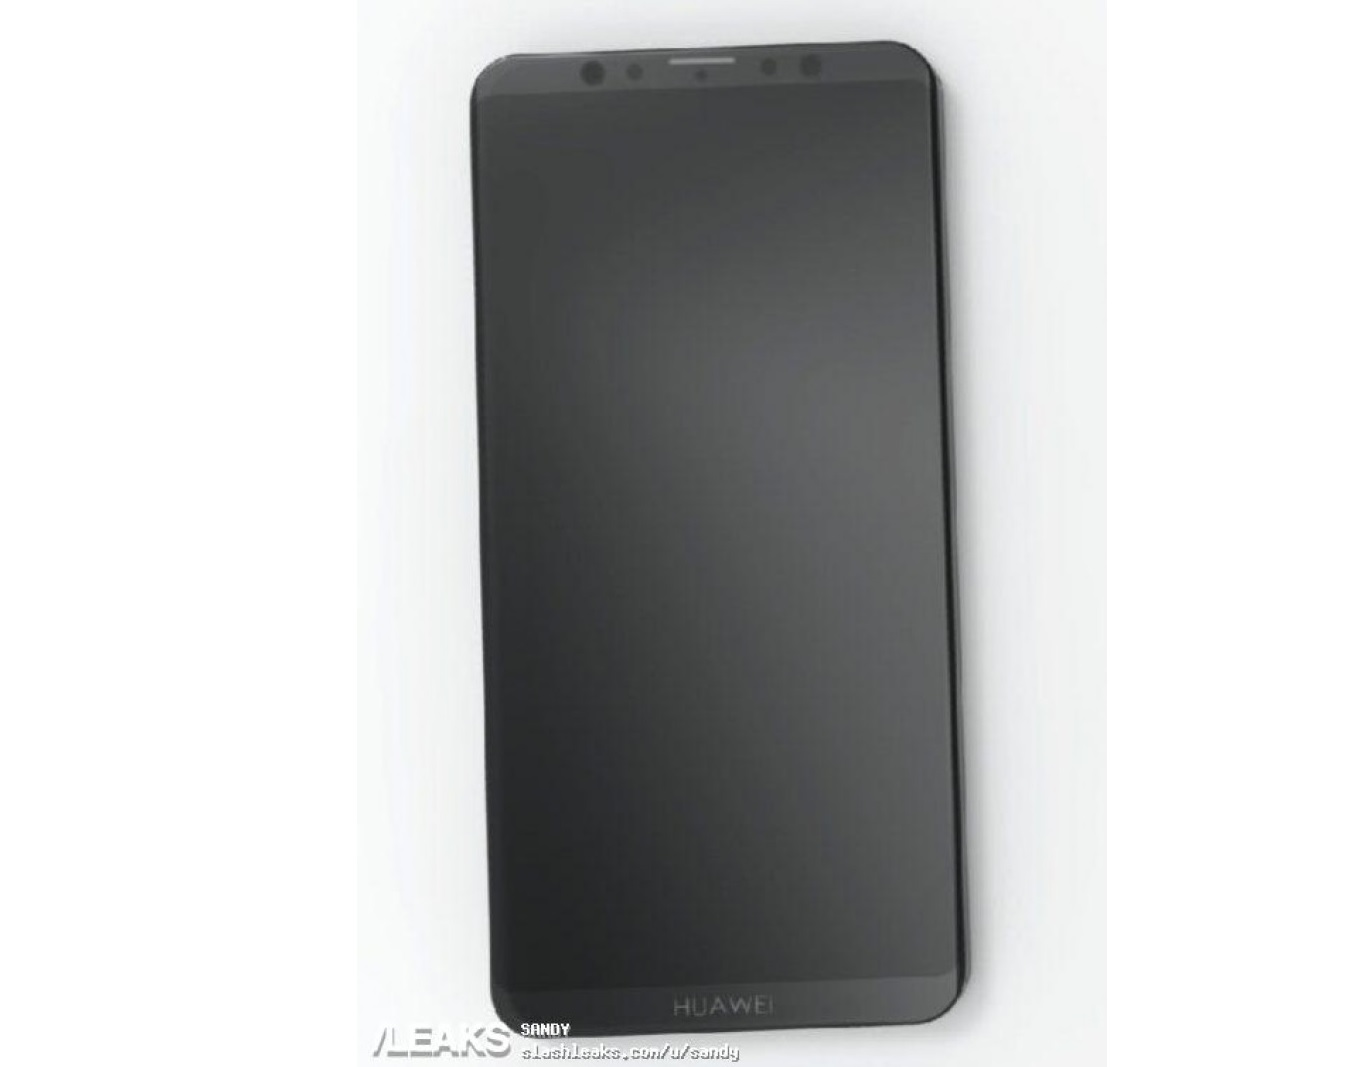 Huawei Mate 20 : la prochaine gamme fuite à nouveau en images